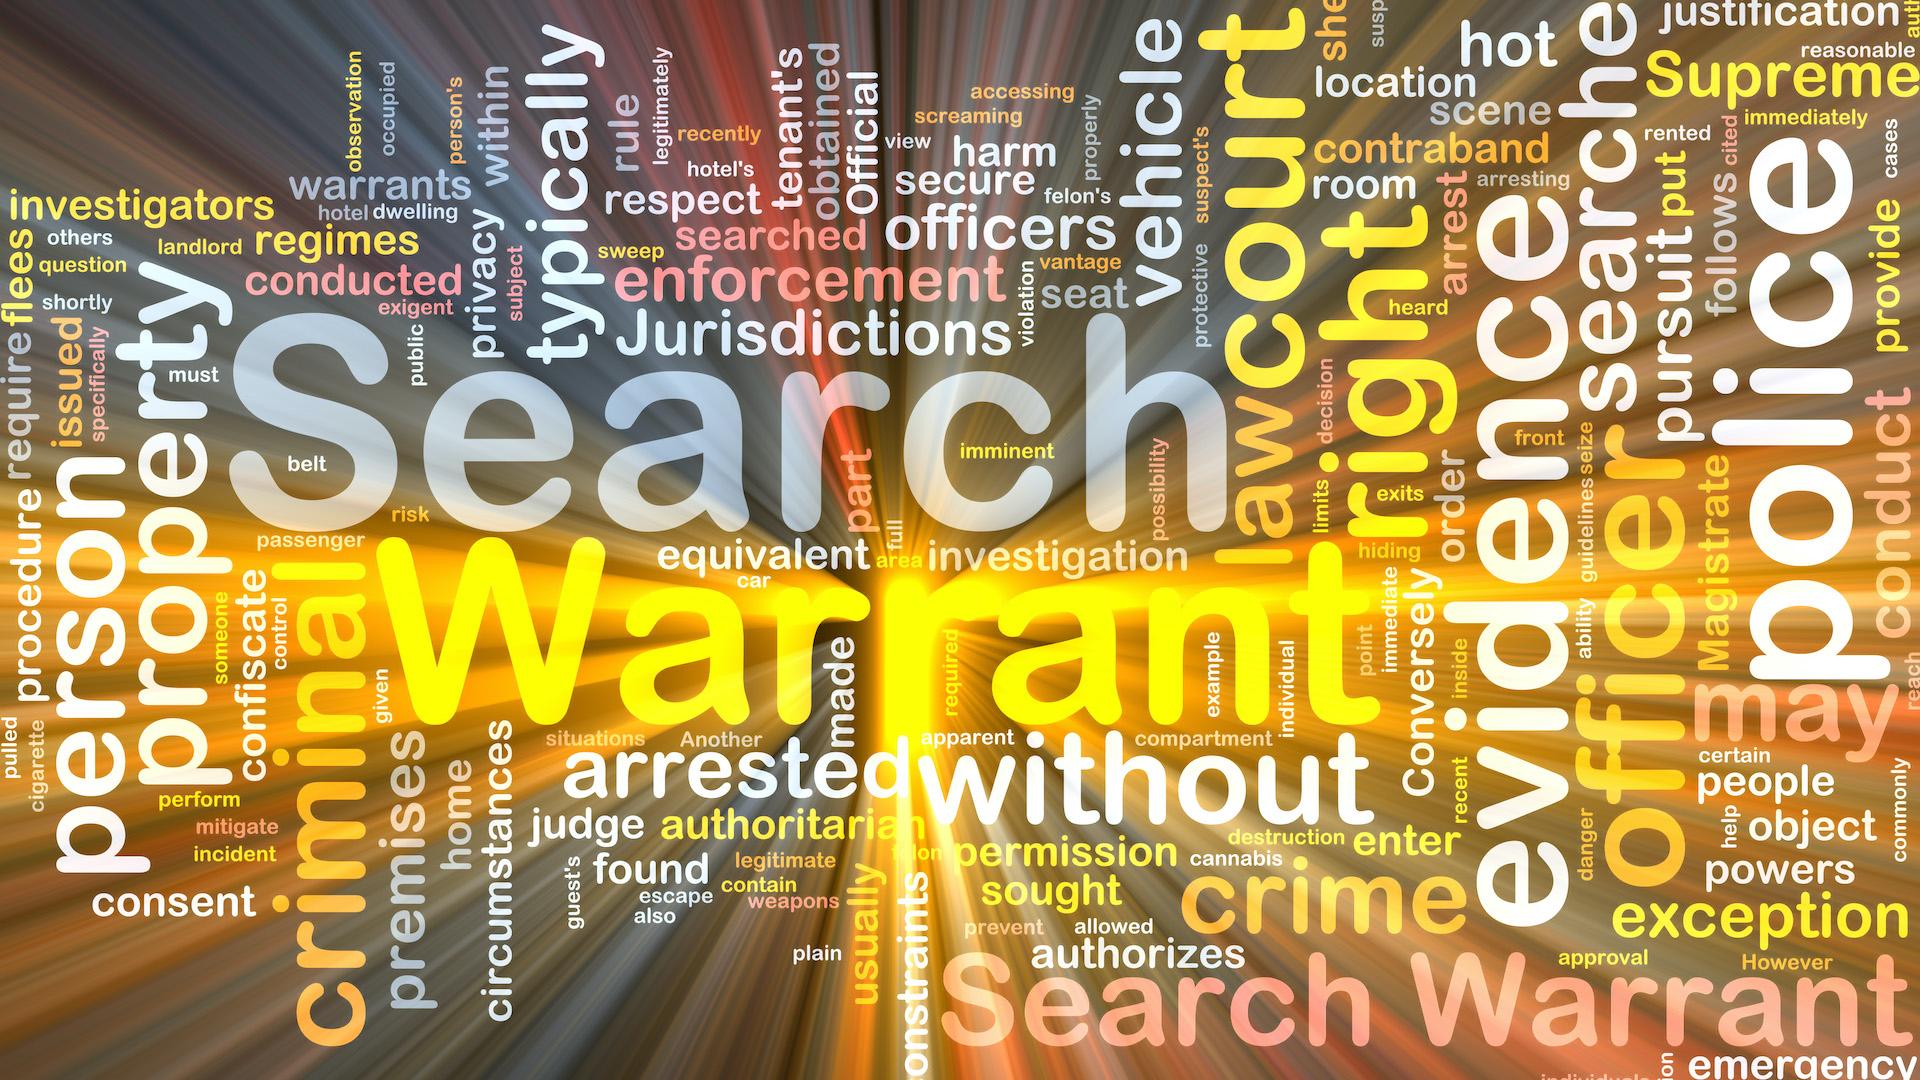 search-warrant